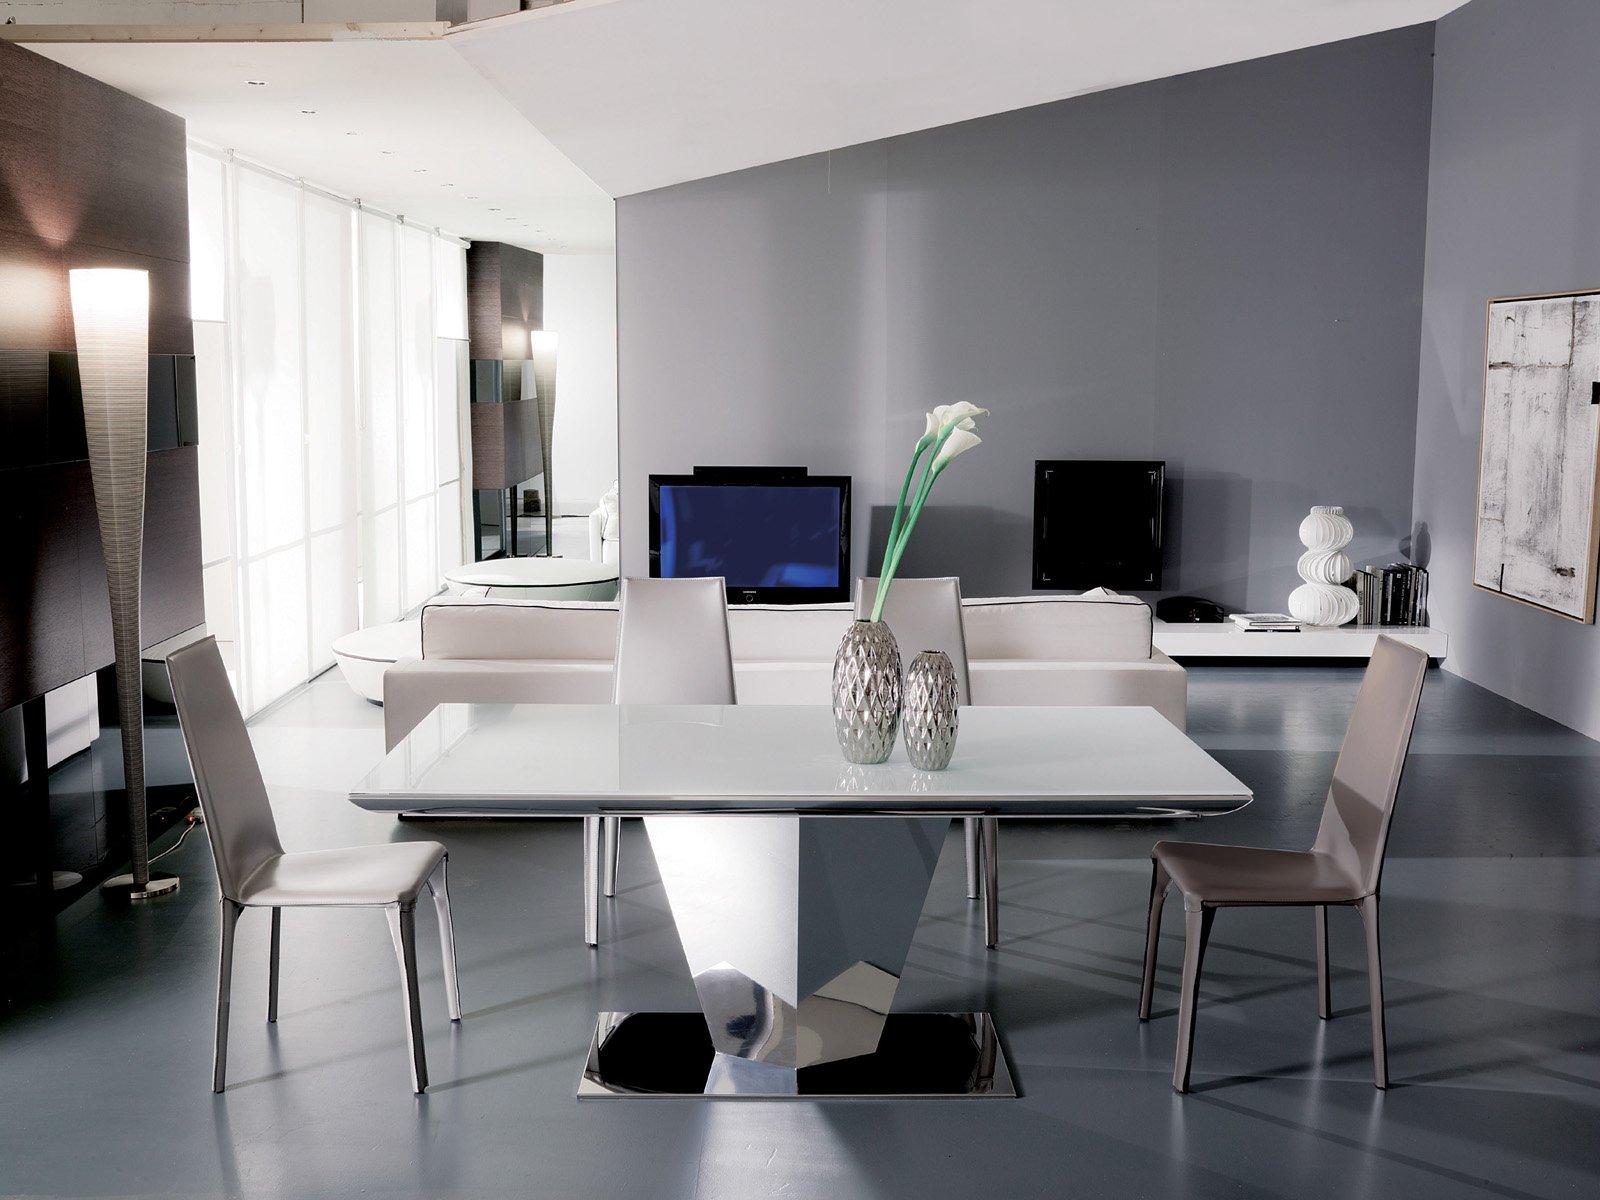 Tavolo bianco da abbinare a tutto cose di casa - Sedie da abbinare a tavolo fratino ...